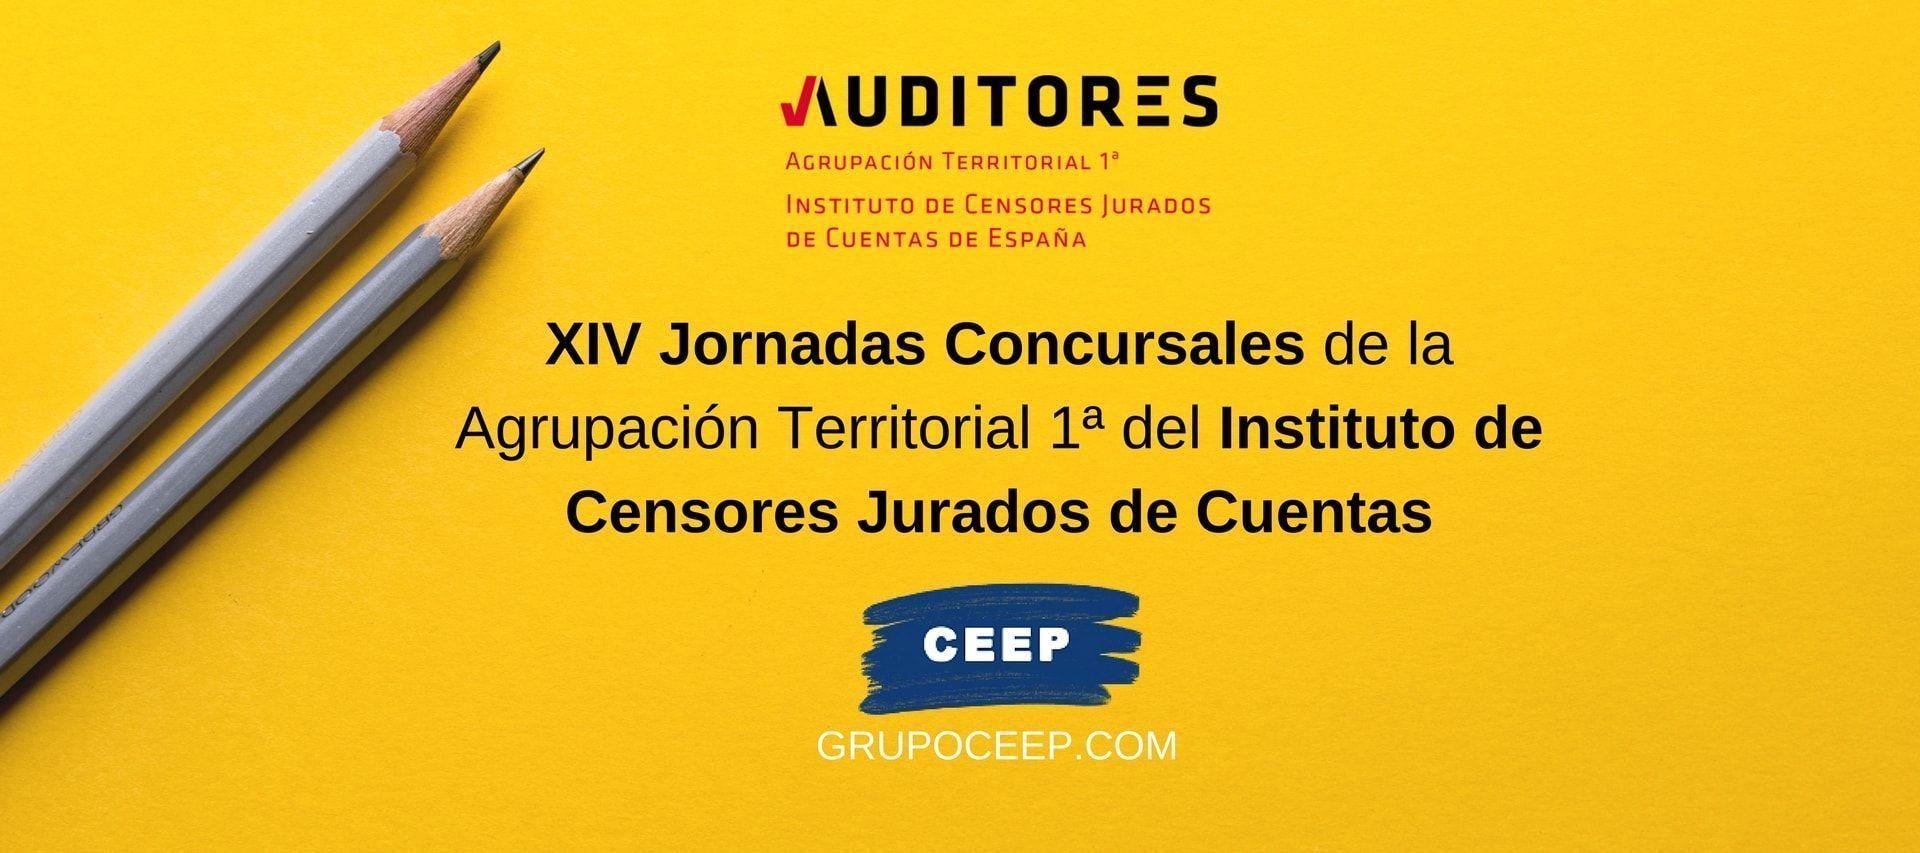 XIV Jornadas Concursales de la Agrupación Territorial 1ª del Instituto de Censores Jurados de Cuentas